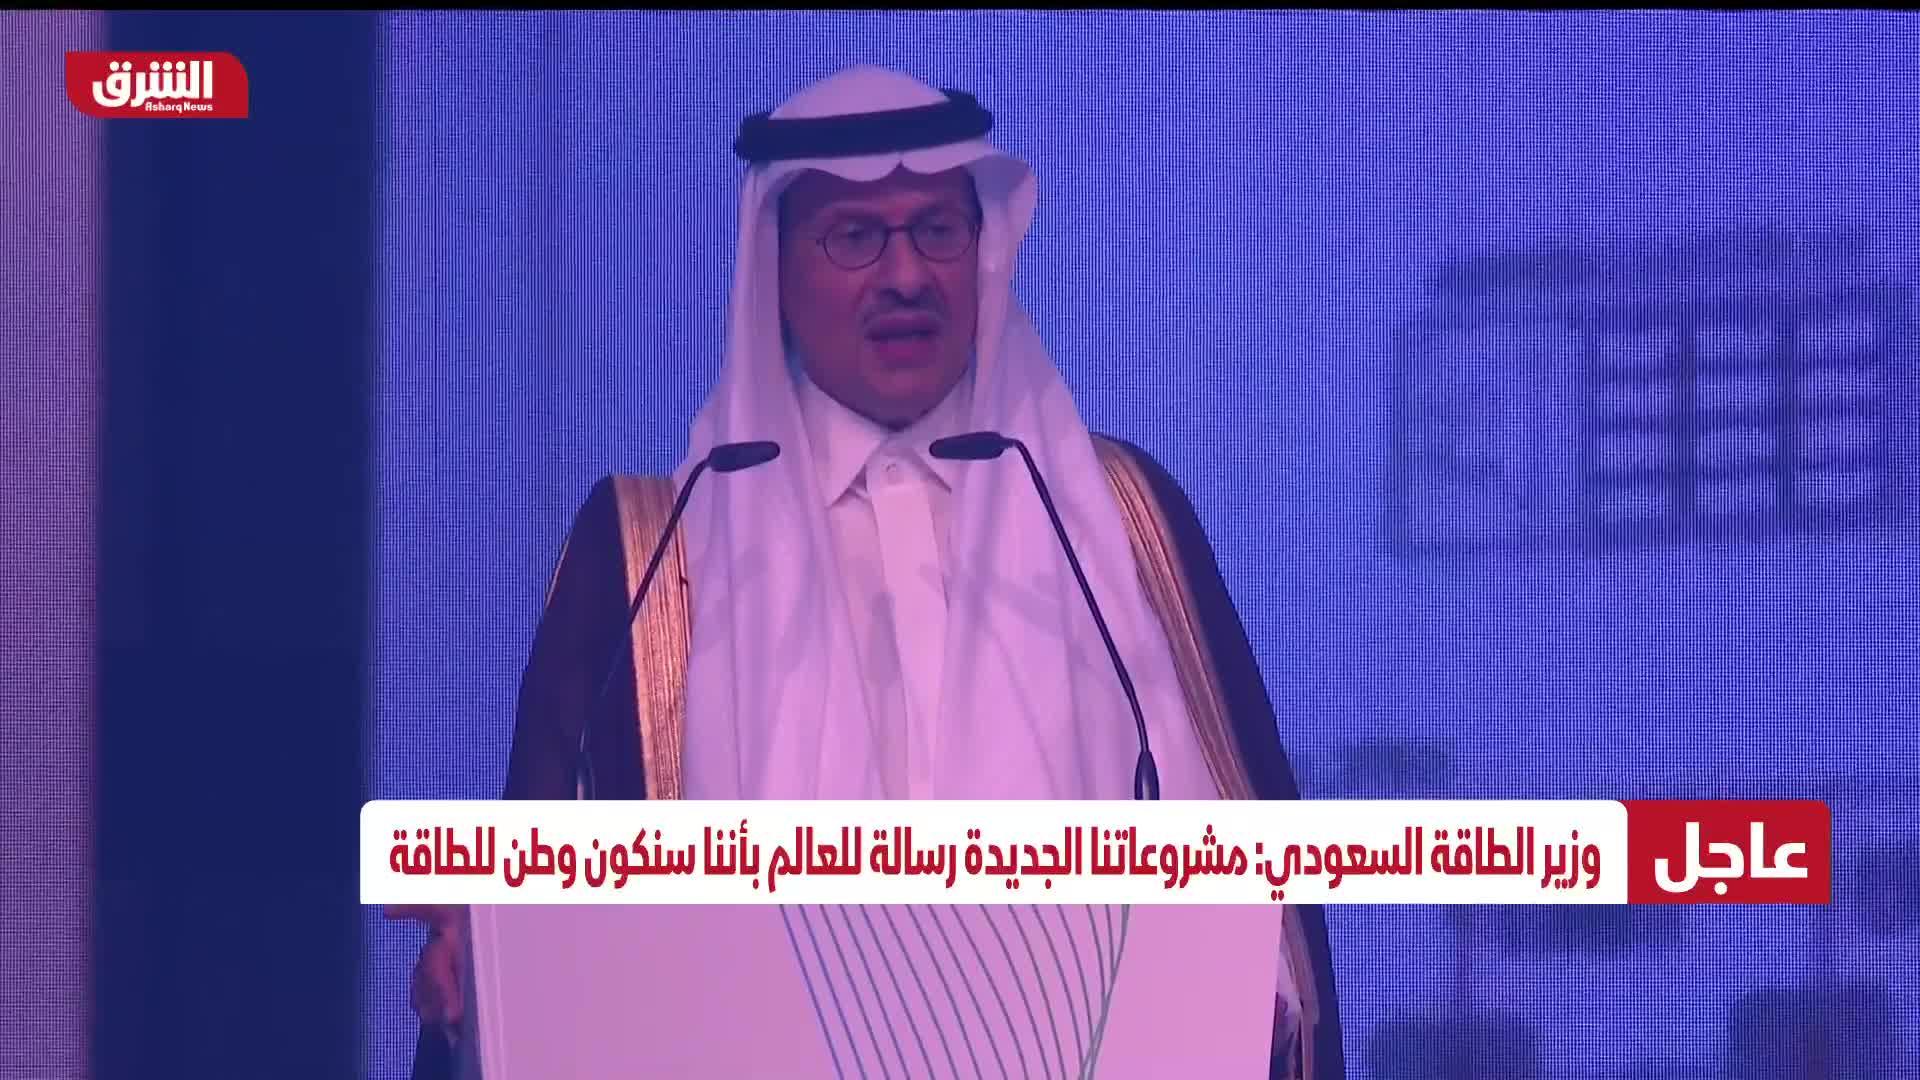 المؤتمر الصحفي للإعلان عن افتتاح مشروع محطة سكاكا للطاقة الشمسية بالسعودية